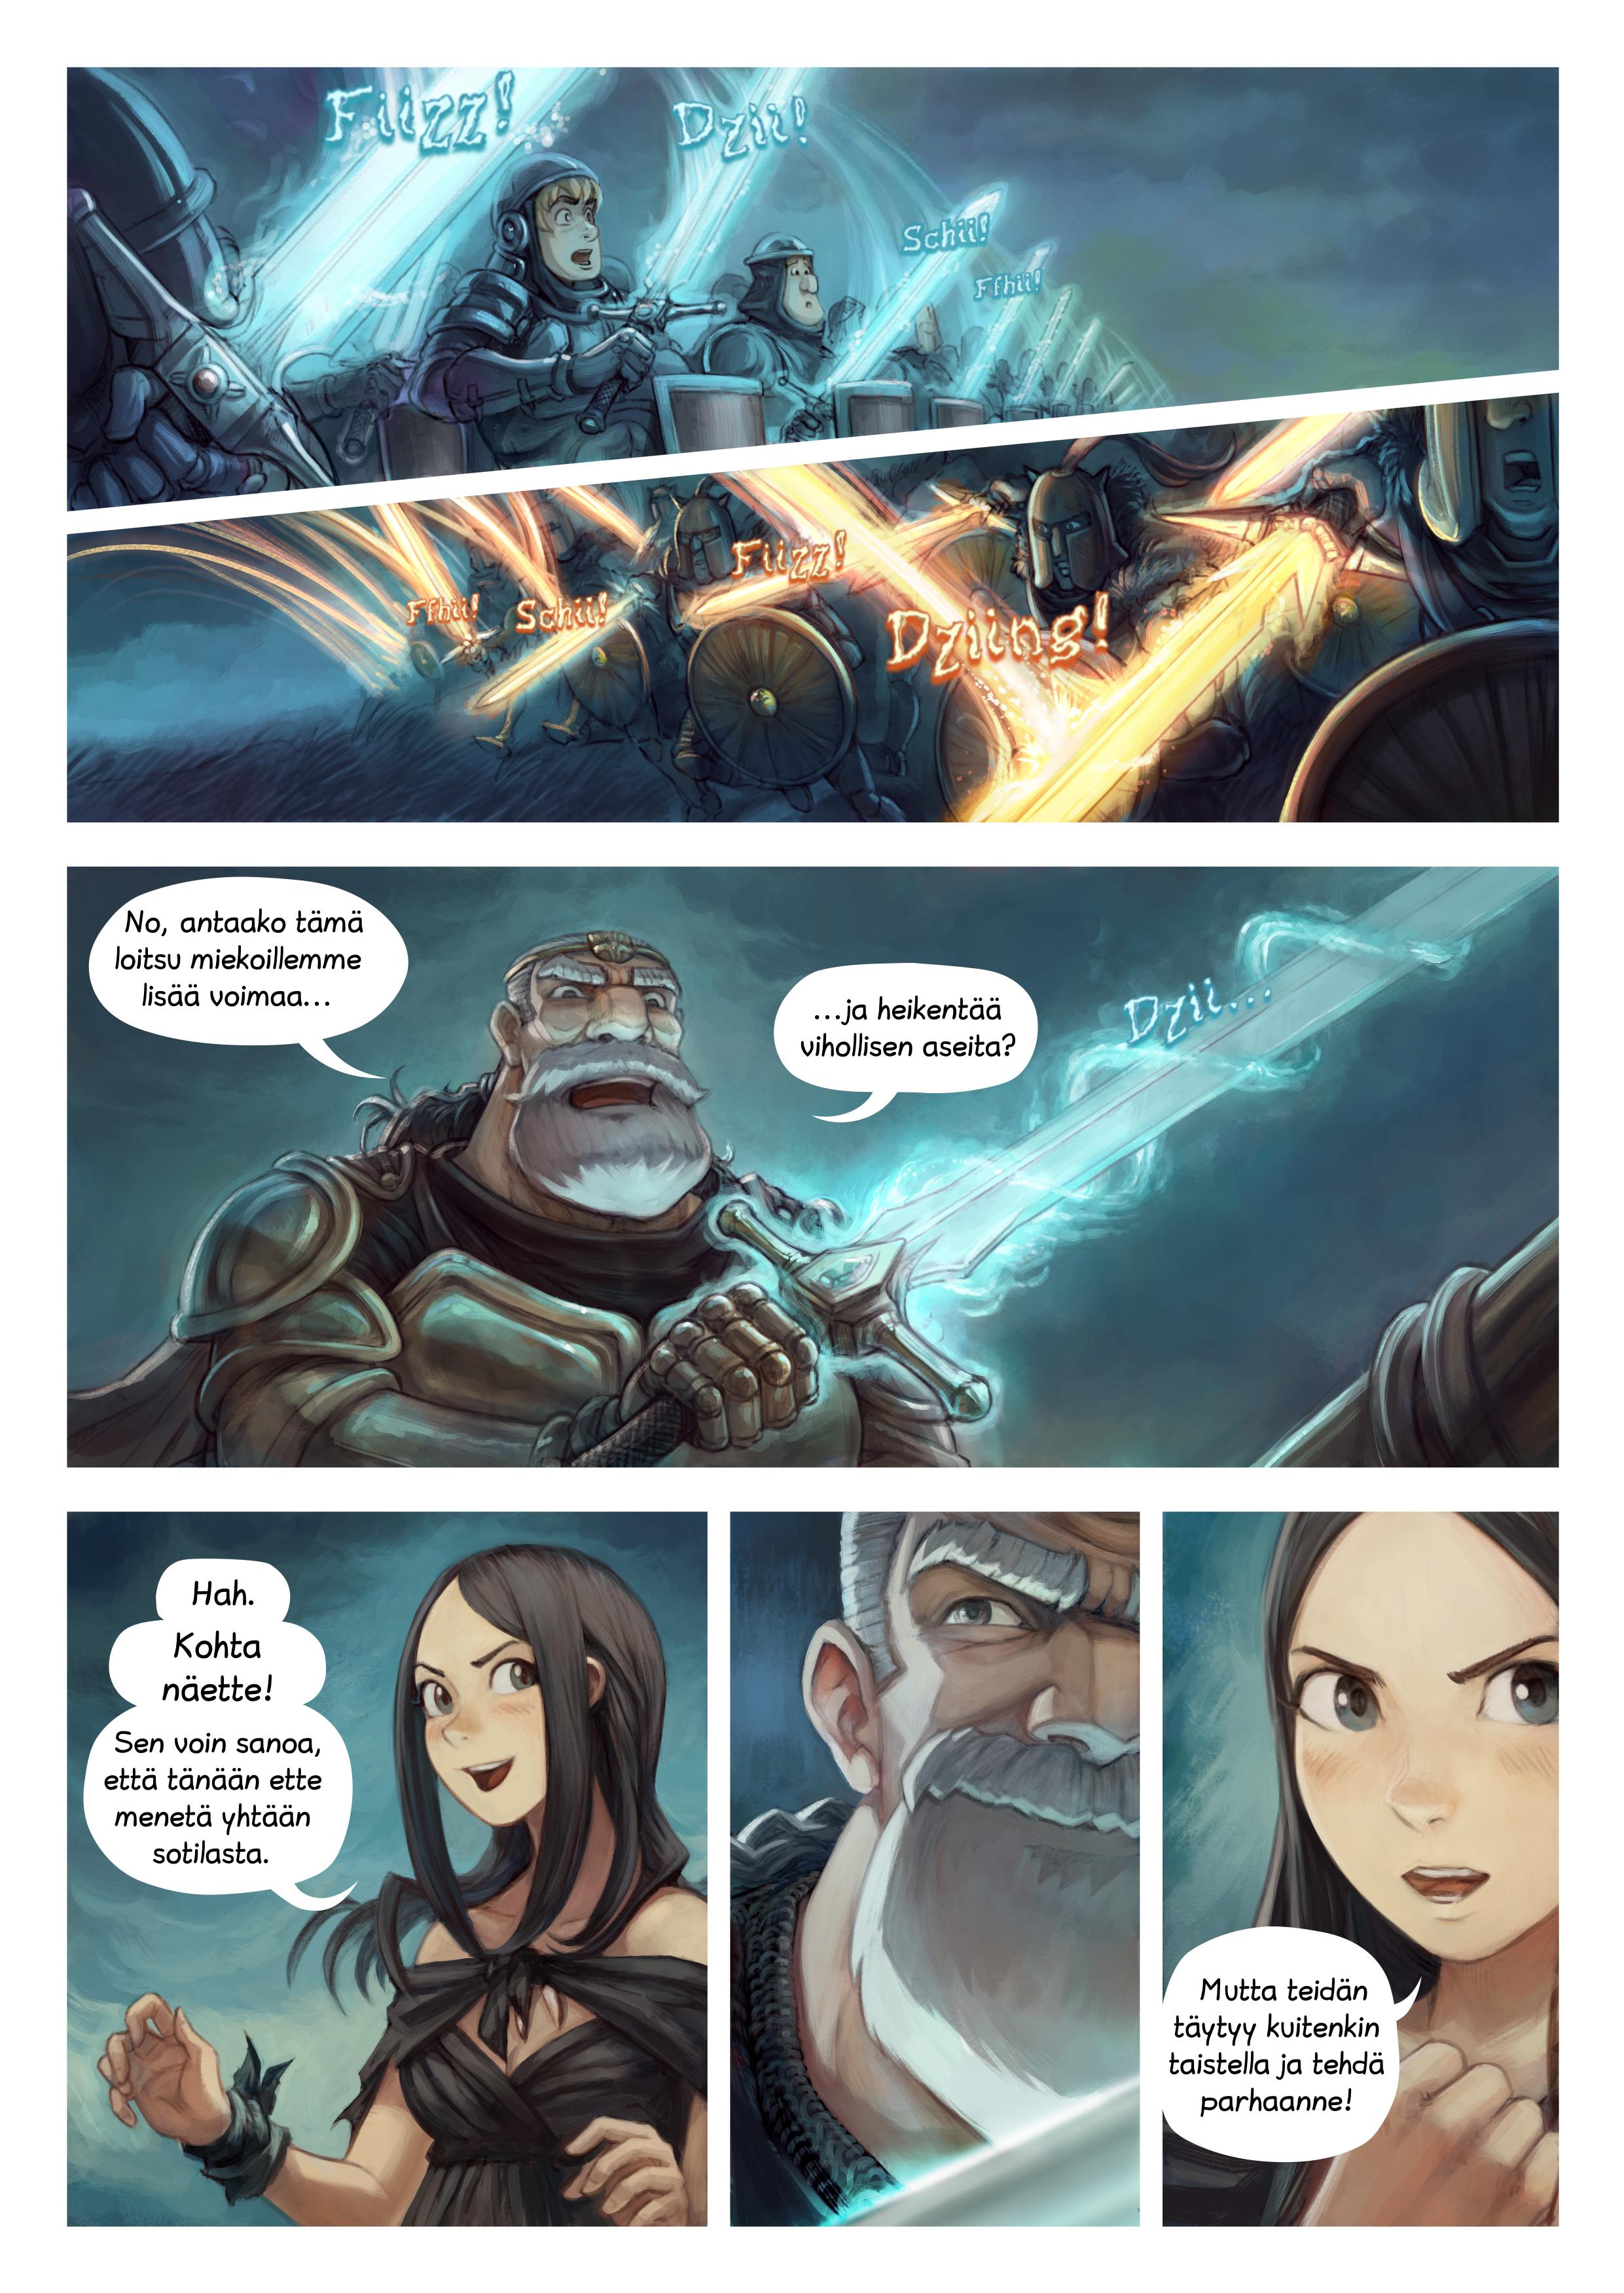 Episodi 33: Taistelutaika, Page 3